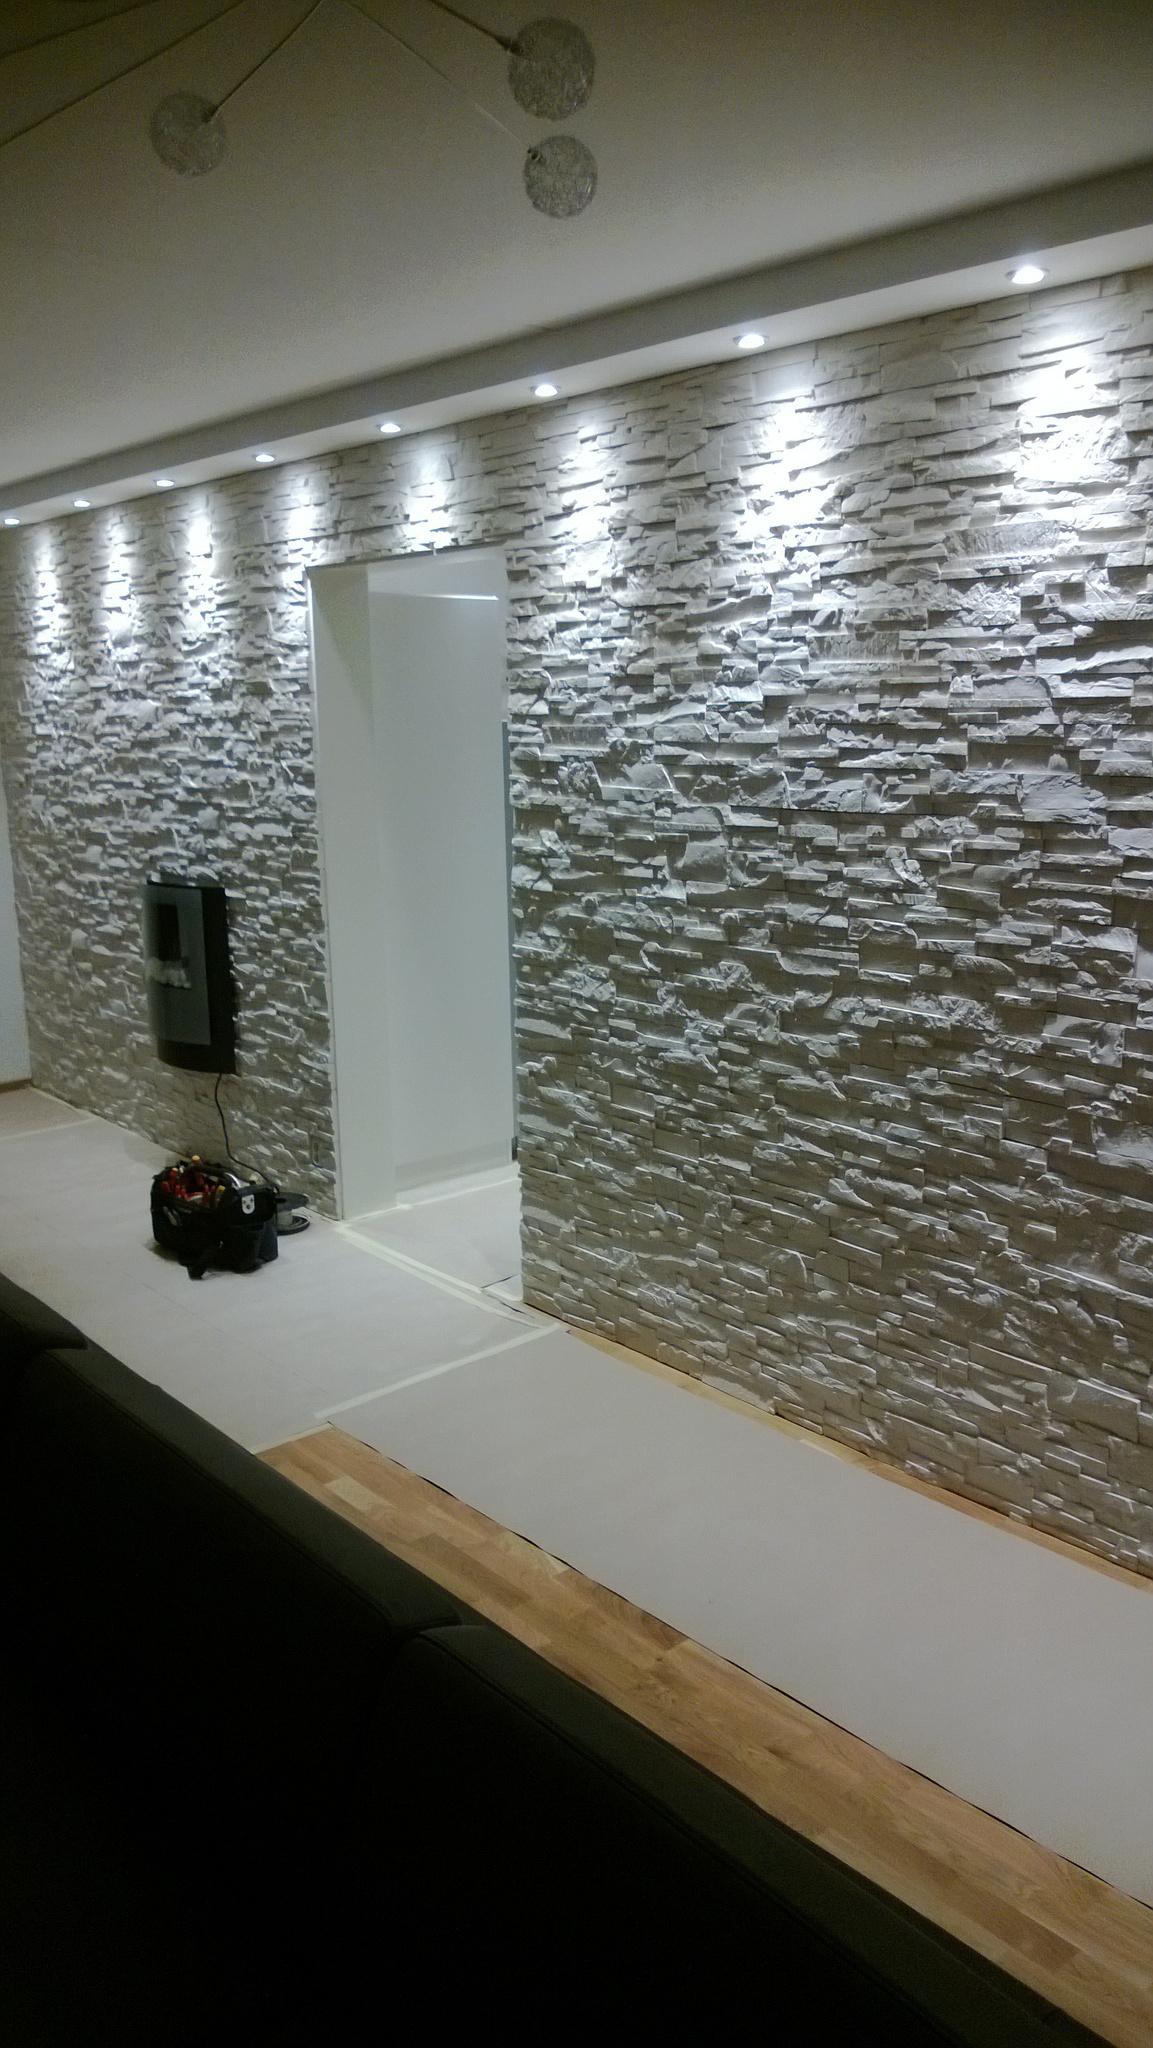 Fondvägg med dekorationssten och belysning